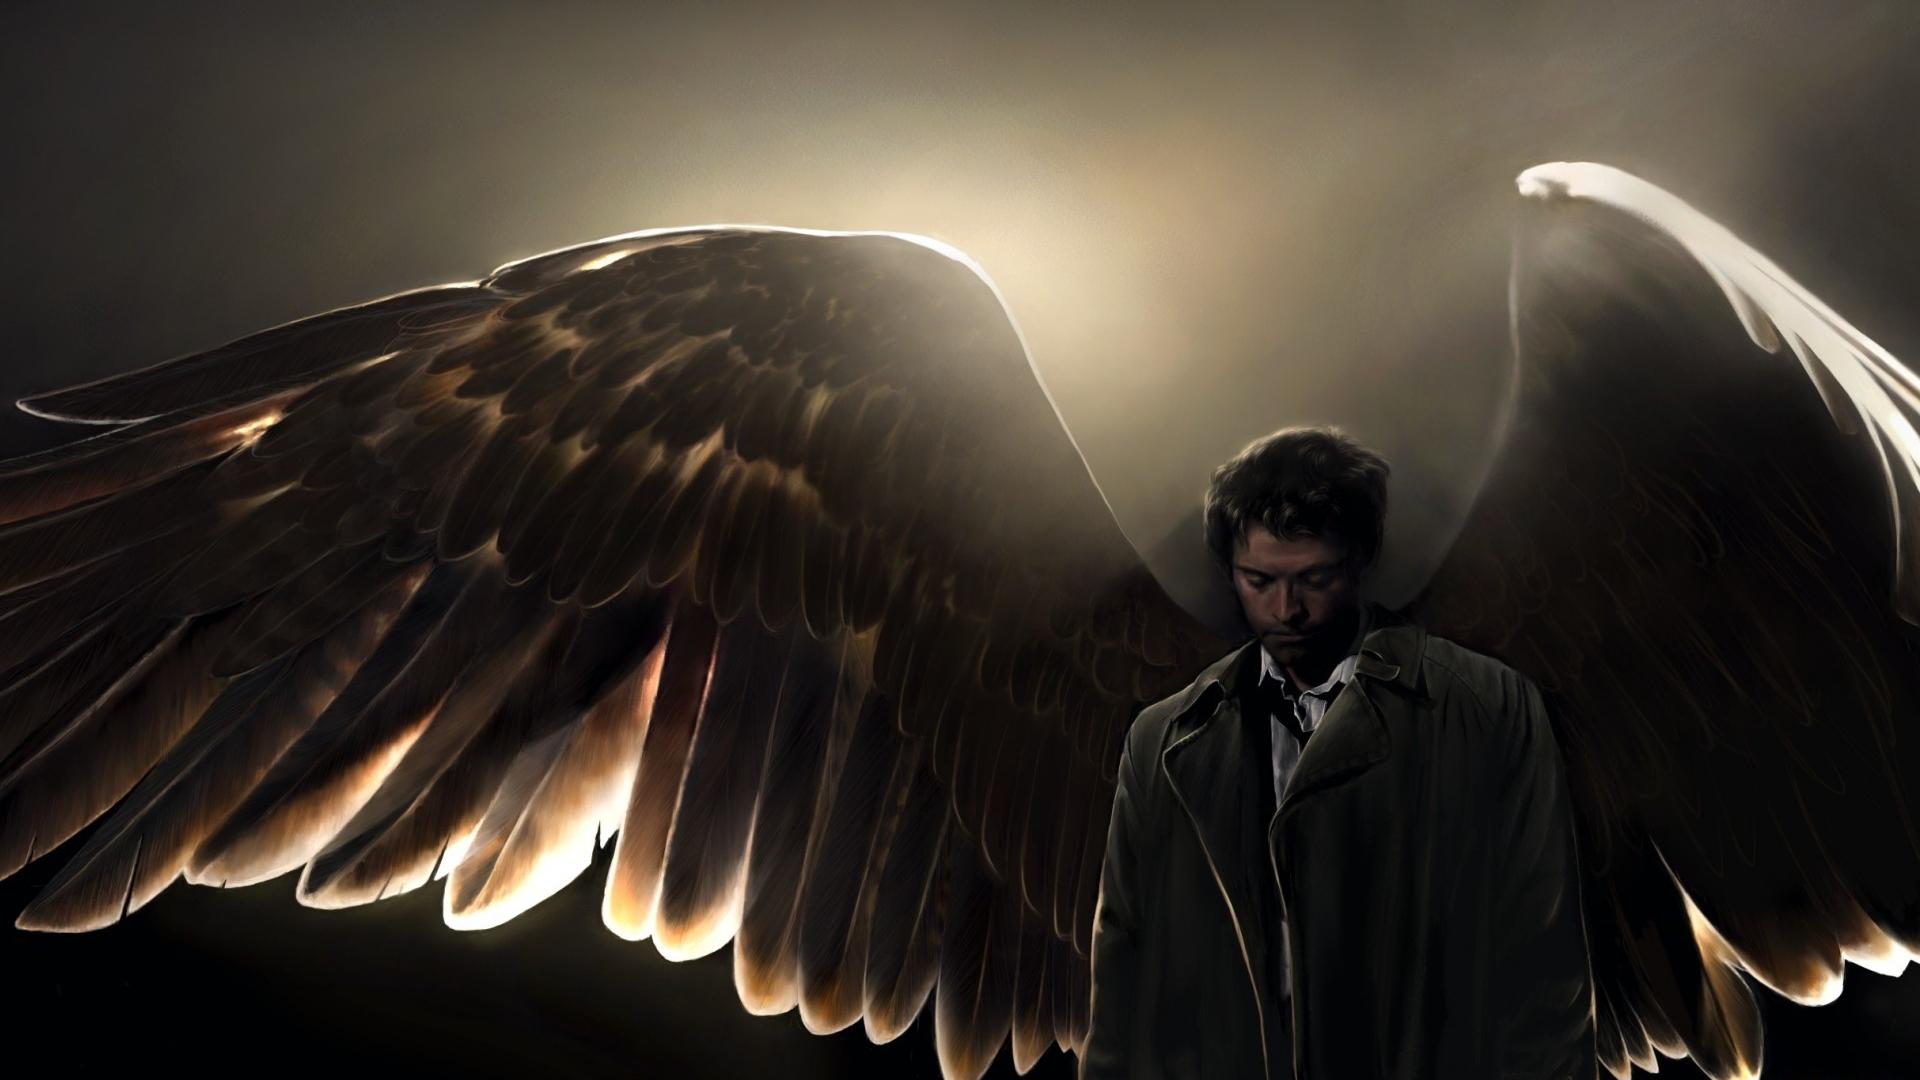 Ангела фильм обои на рабочий стол